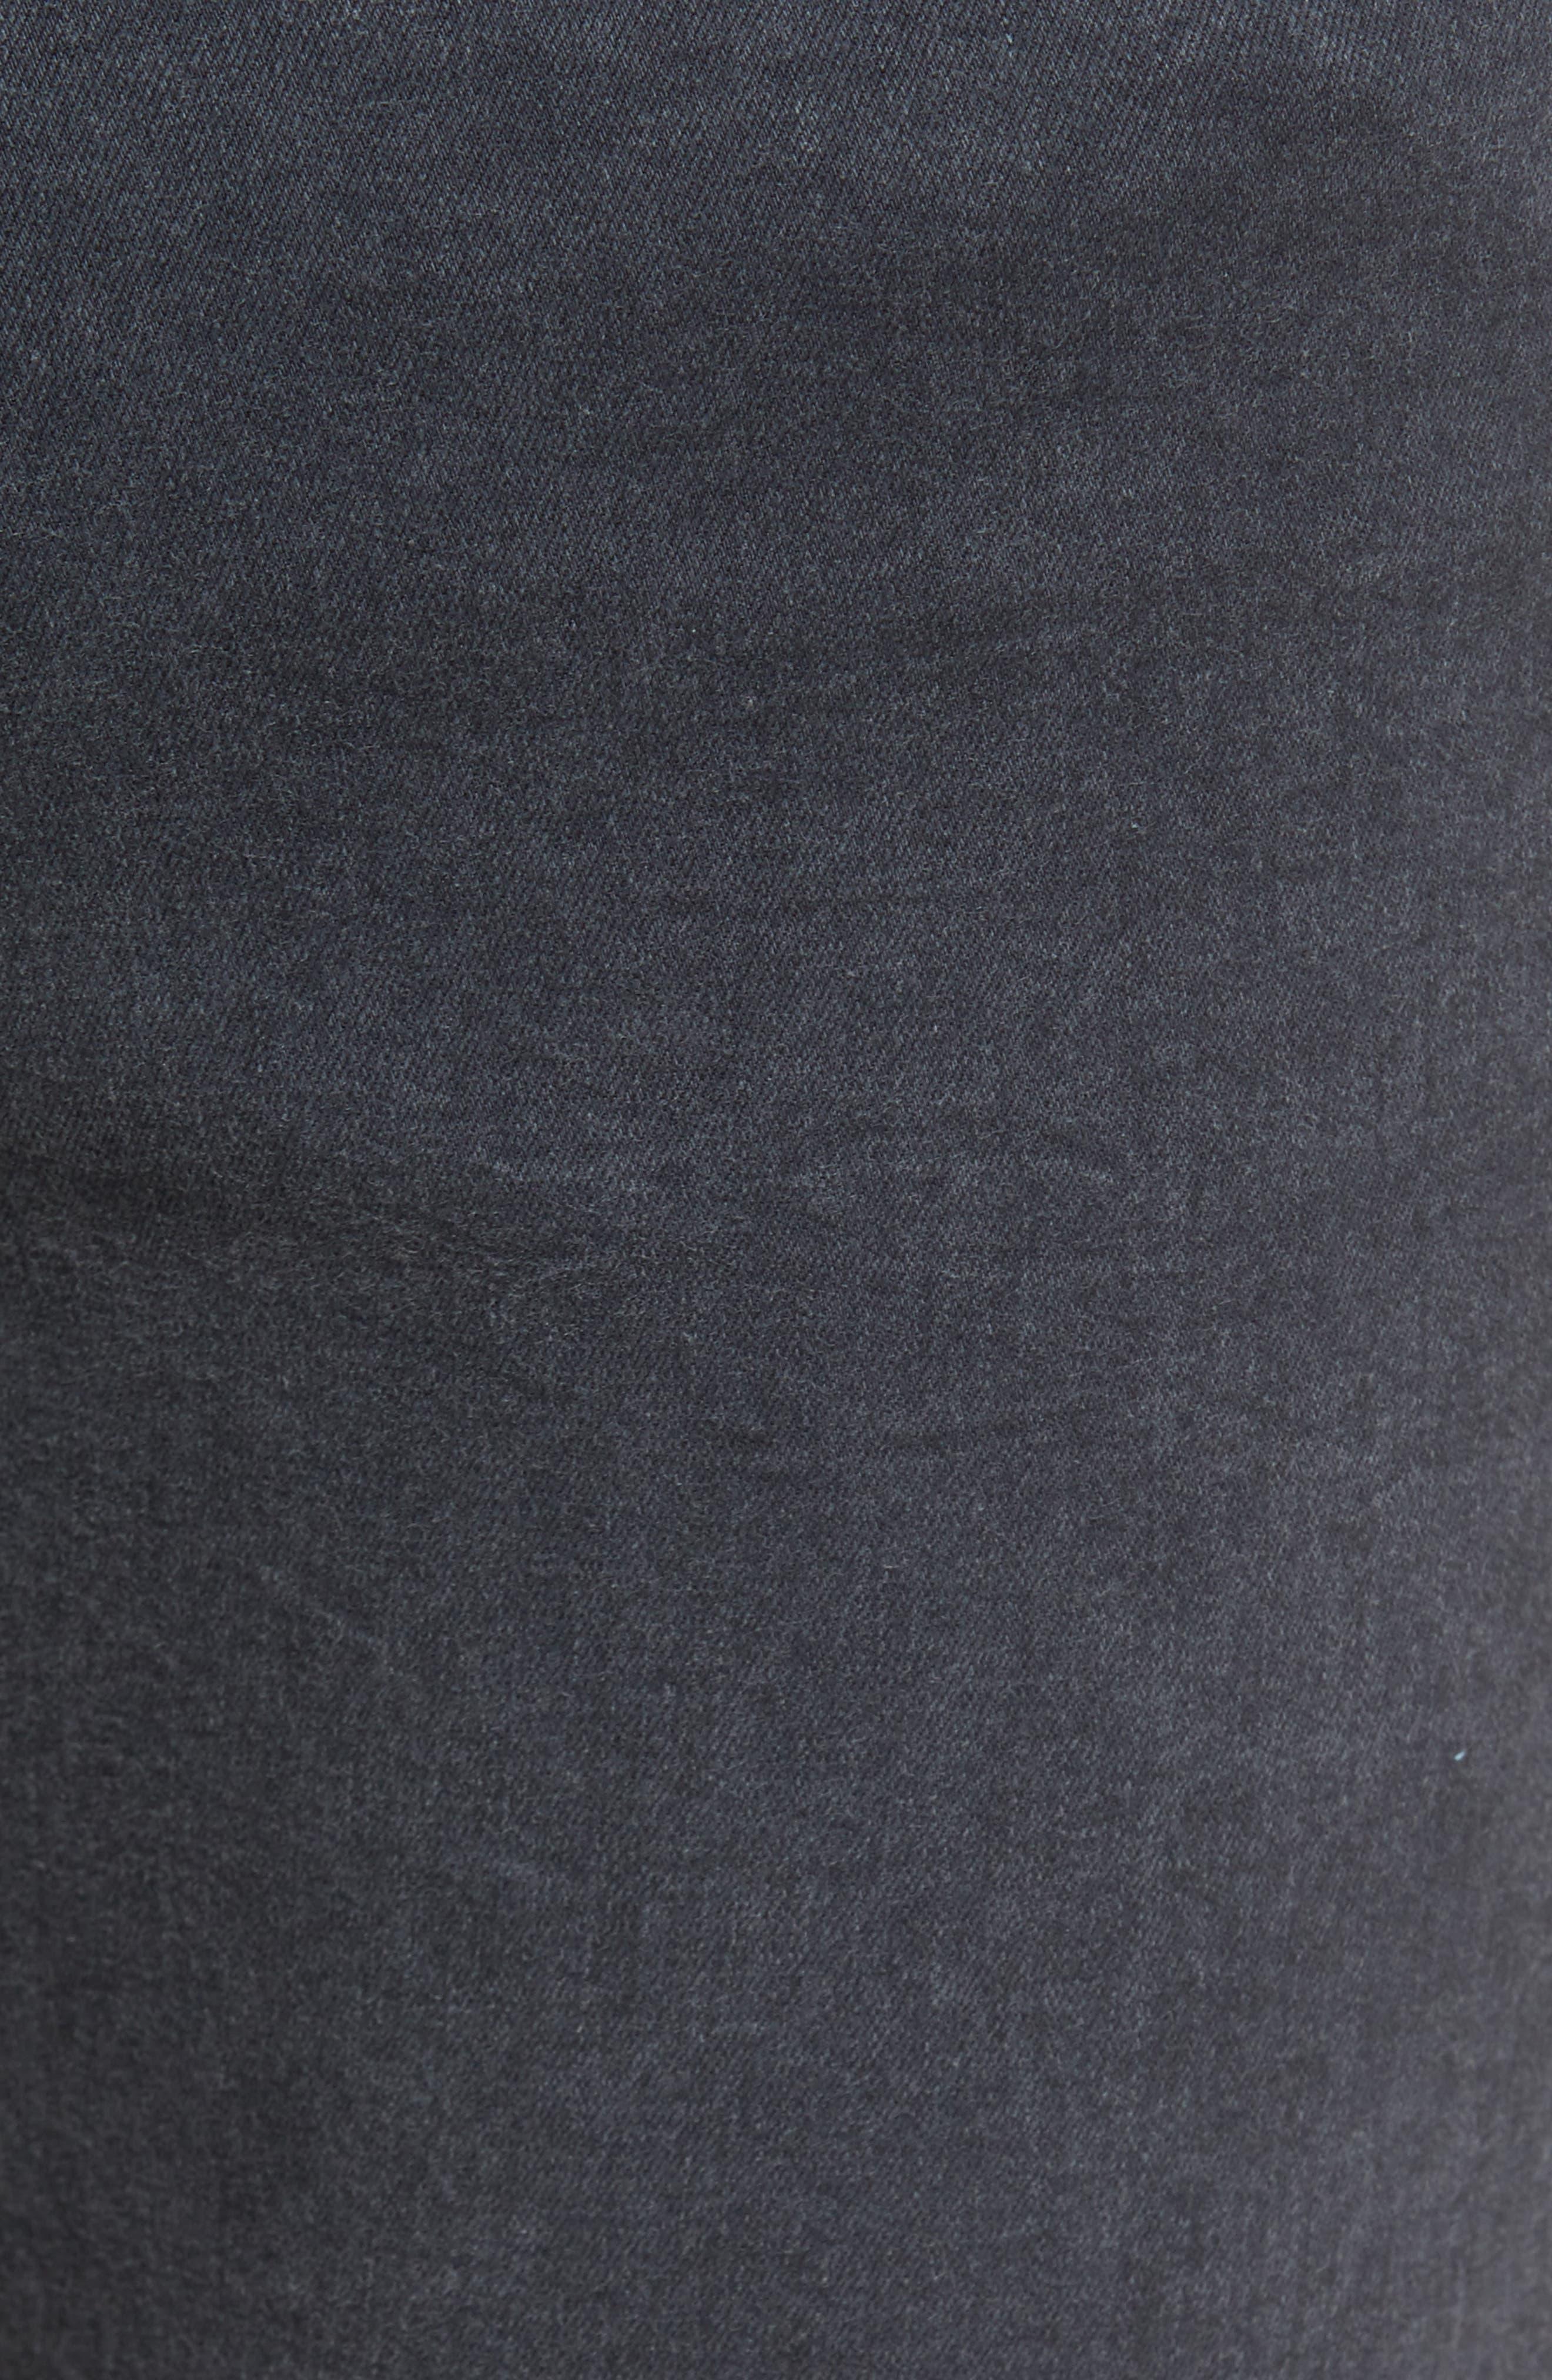 Leroy Slim Fit Jeans,                             Alternate thumbnail 5, color,                             020